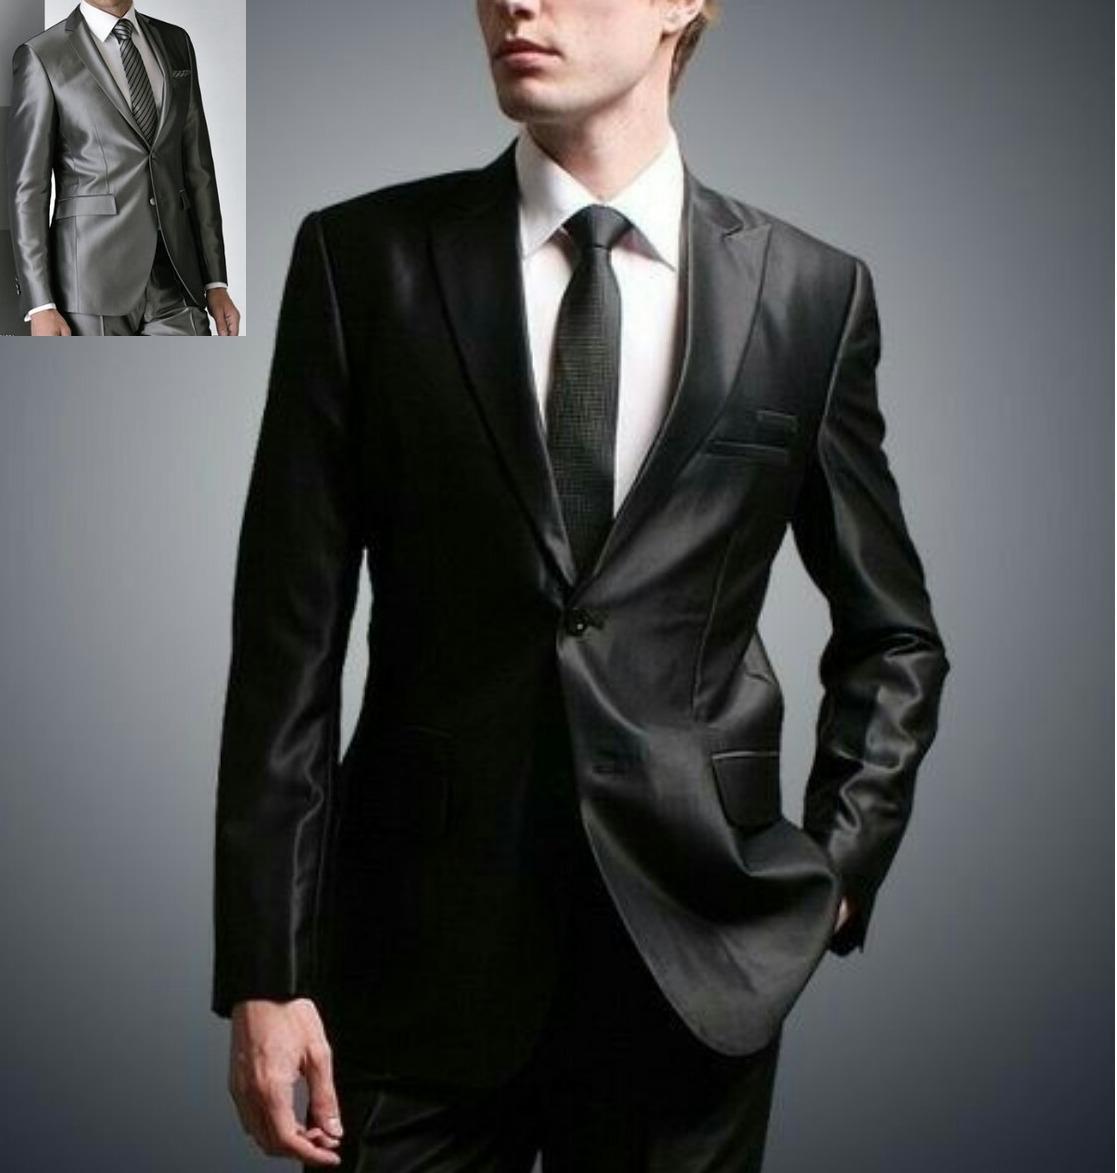 48e1796bff71c alquiler-de-trajes-hombres-y-ninos-973421-MLU20753223677 062016-O vestidos  hombre mercadolibre